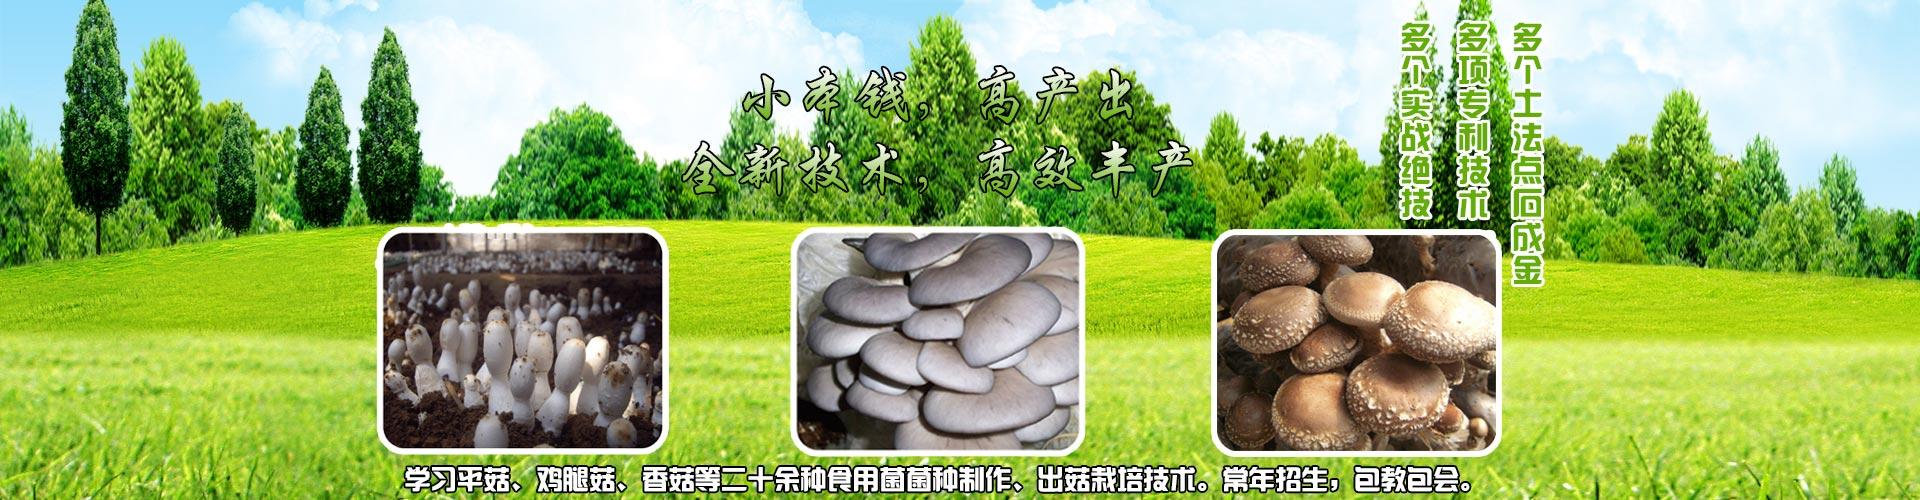 食用菌种植技术培训|蘑菇种植技术|致富技术培训|阜阳菇丰食用菌科技有限公司